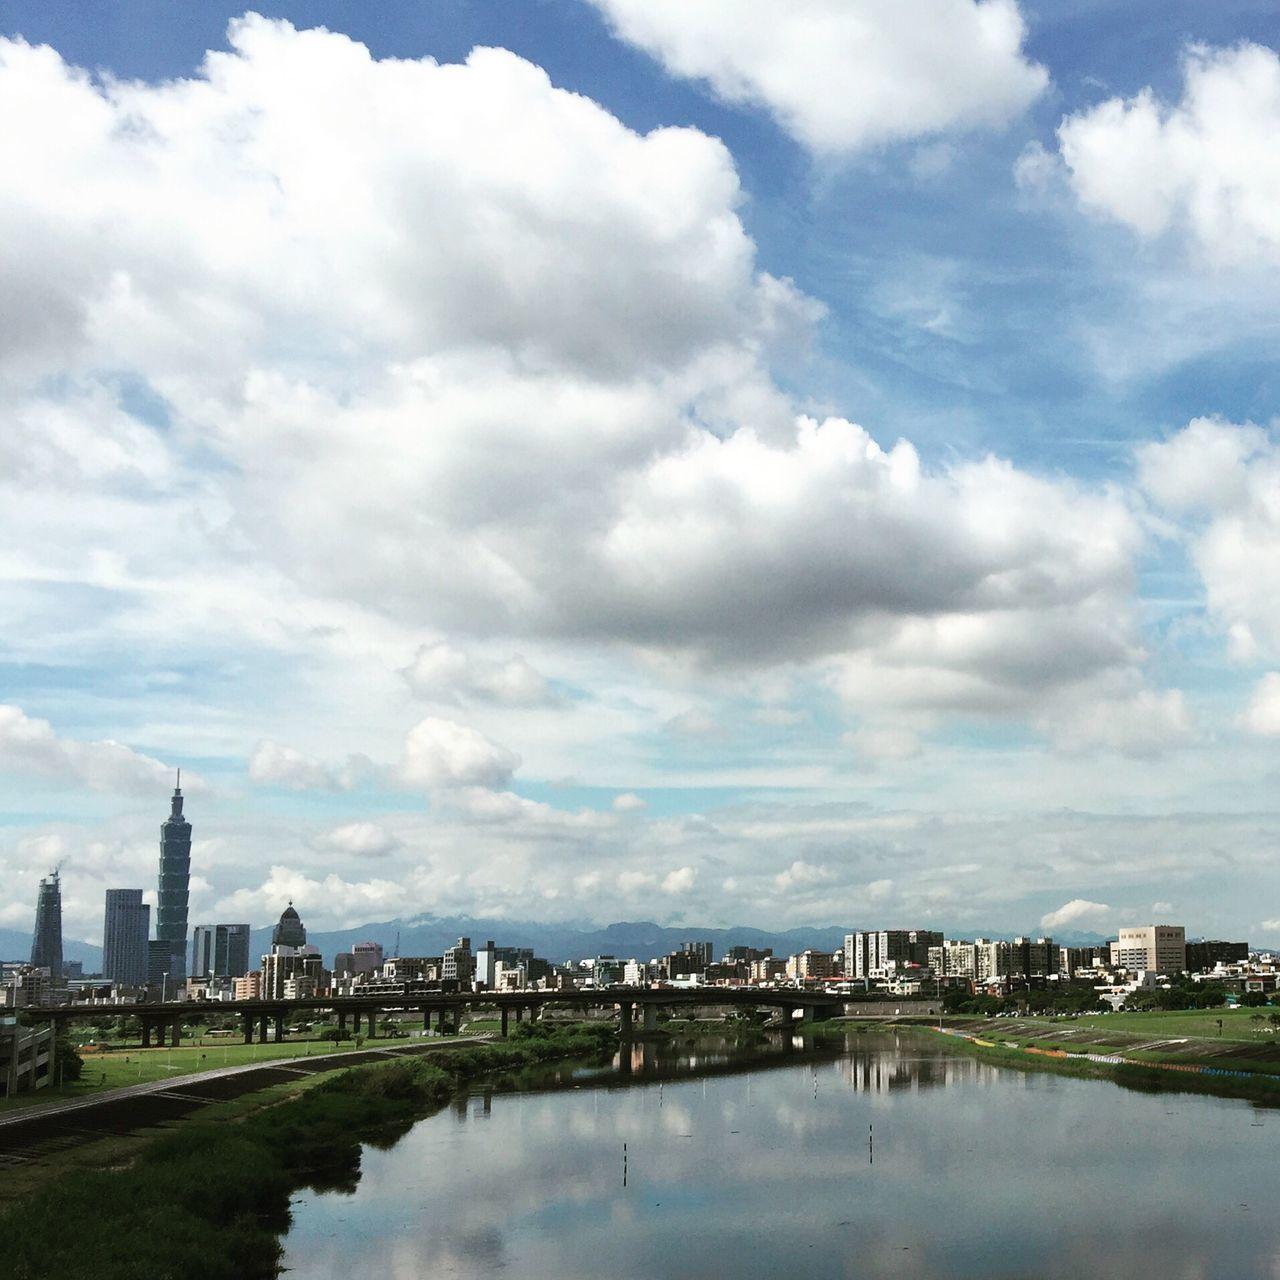 像油畫作品 Oil Panting Taking Photos Clouds And Sky Snapshot Of Life 河濱公園 基隆河 Taipei 101 Riverpark Keelung River Sky And Clouds Chocolate Cloud Puff Cloud